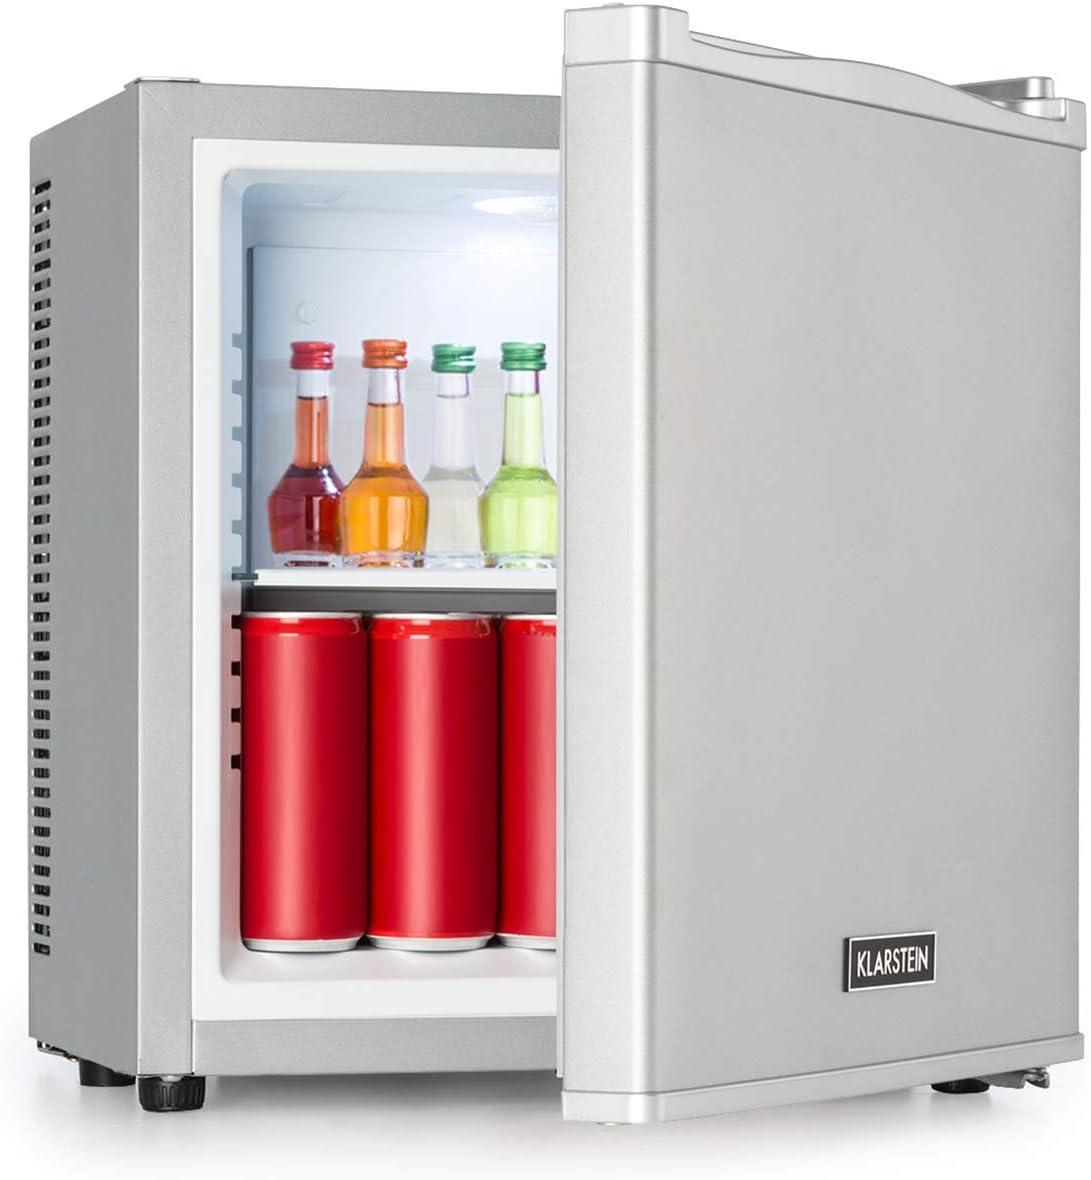 Klarstein Secret Cool Mini Nevera - Clase A+, 13 litros de volumen, 45 cm de altura, 0 dB, Silencioso y sin ruidos, Rango de frío de 5-8 °C, Aislado, Nevera para bebidas,